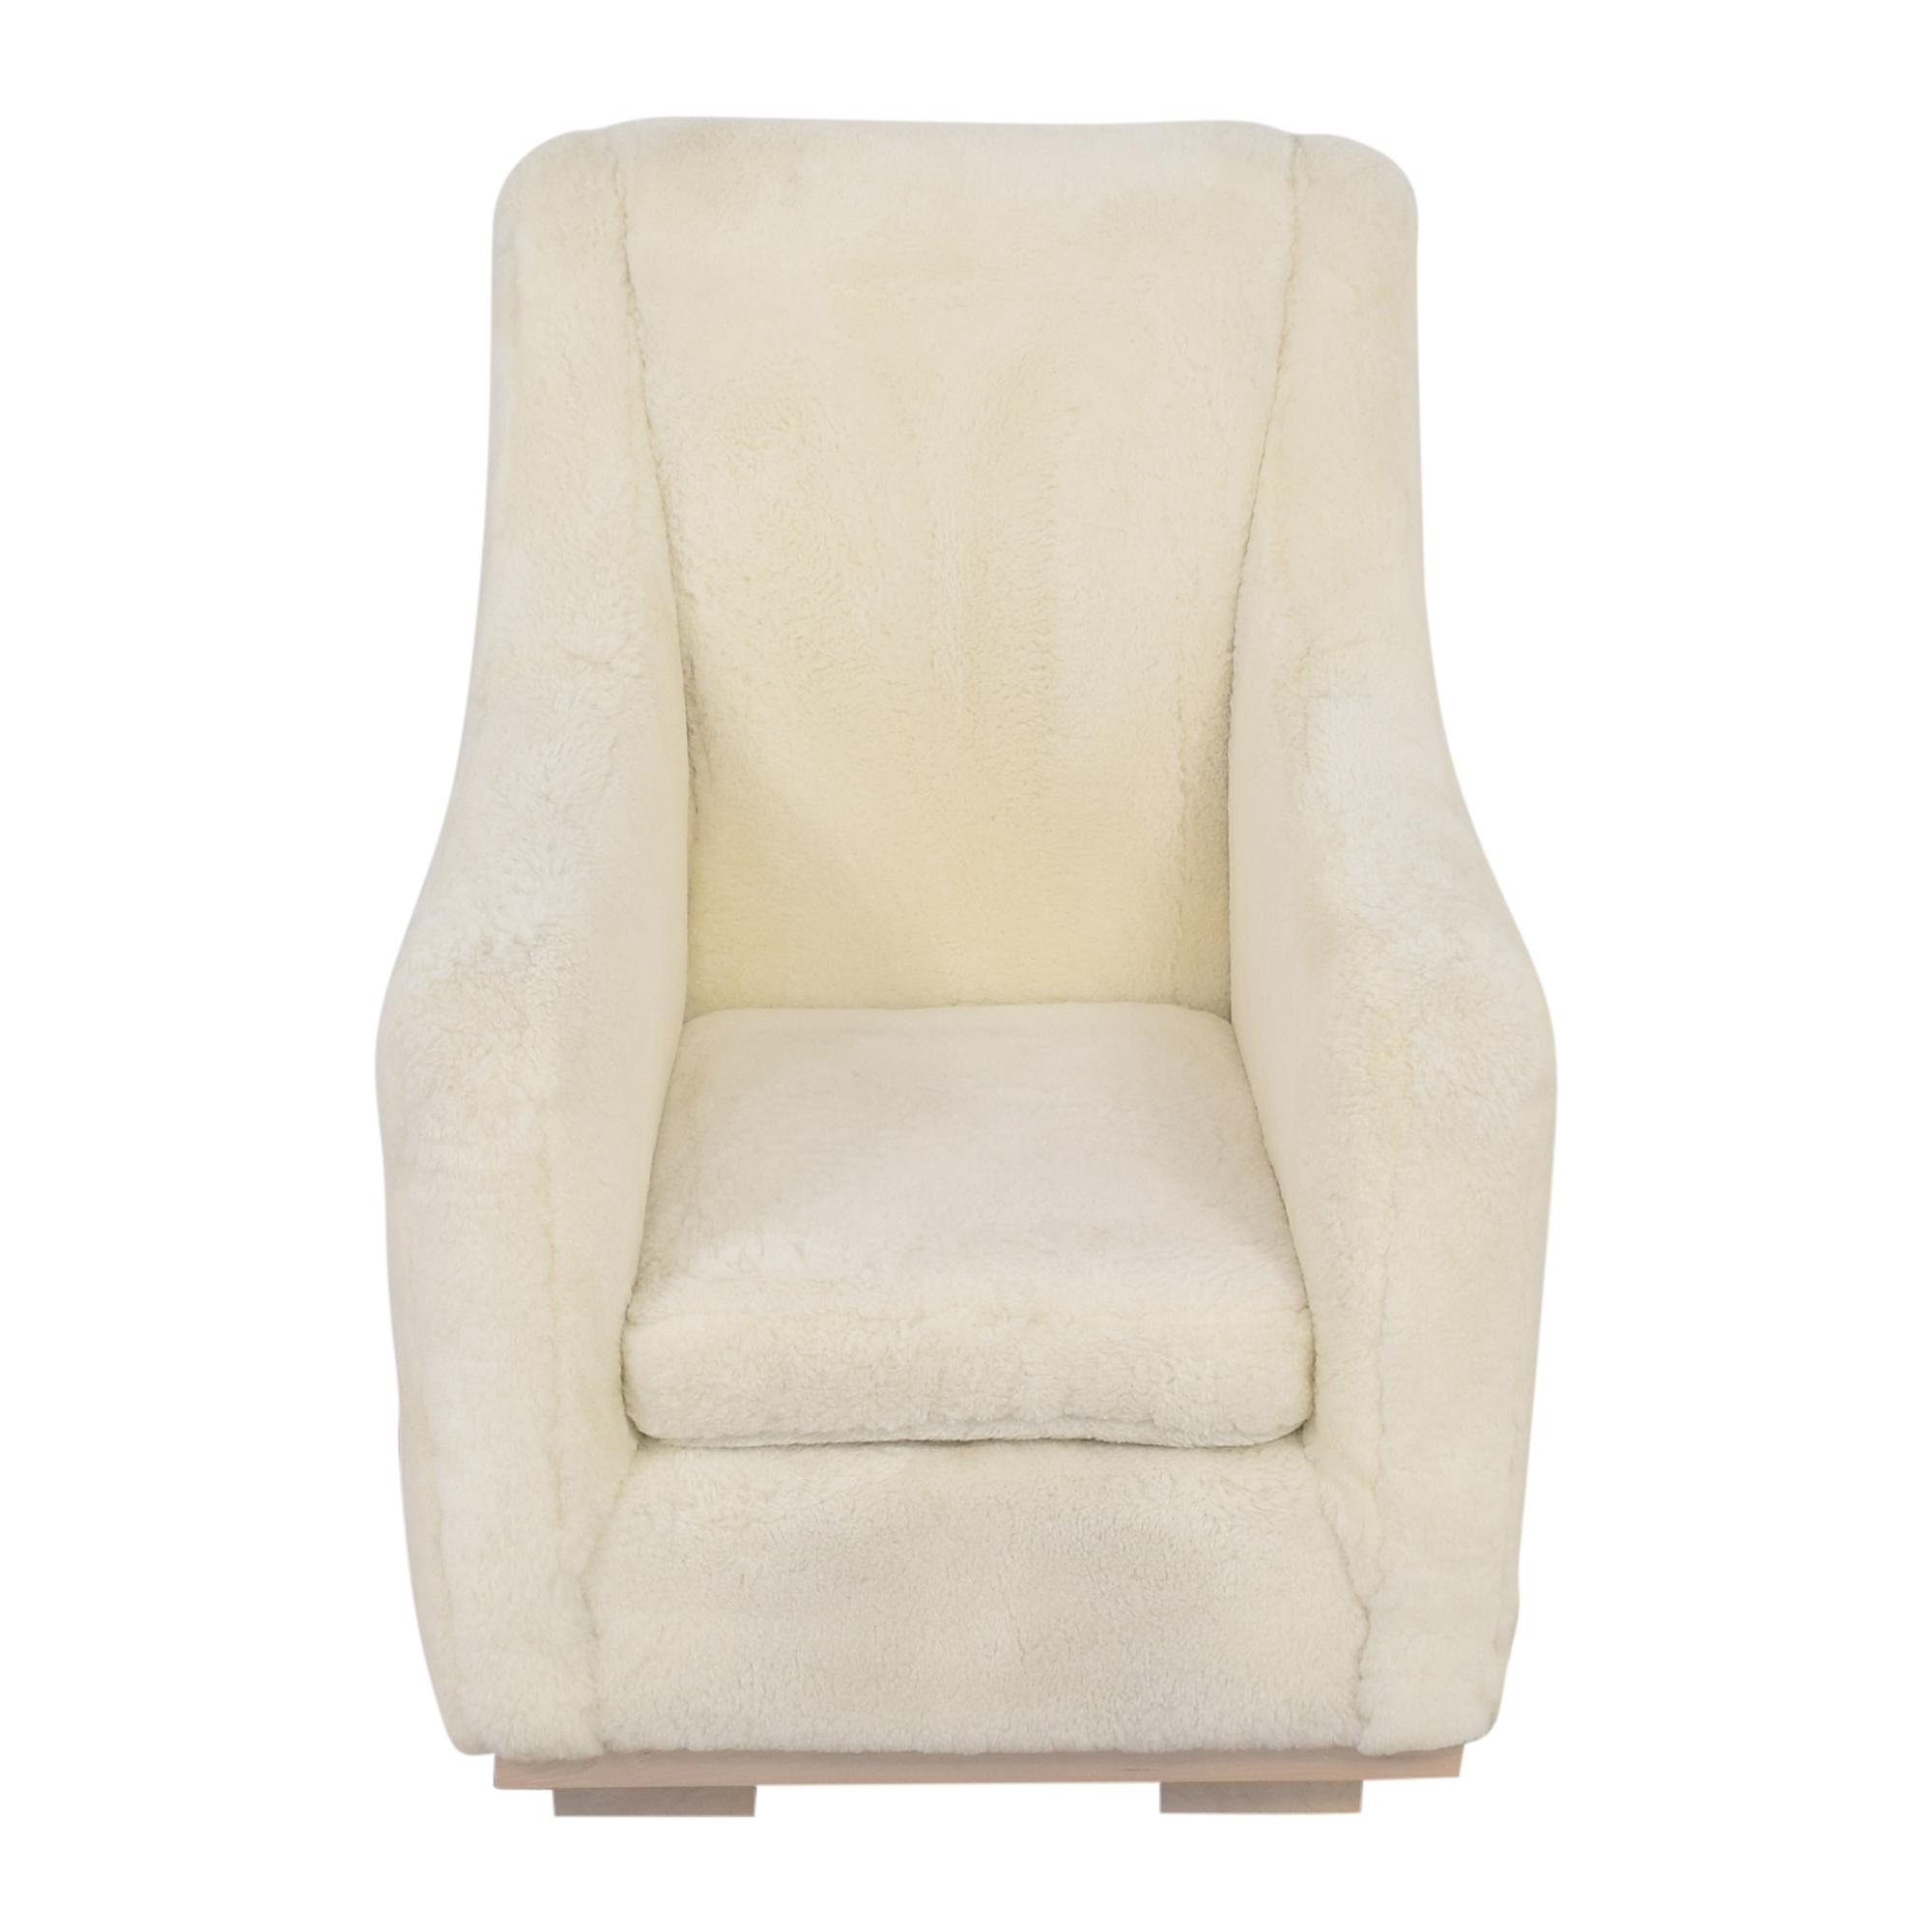 ducduc ducduc Piper Glider Chair